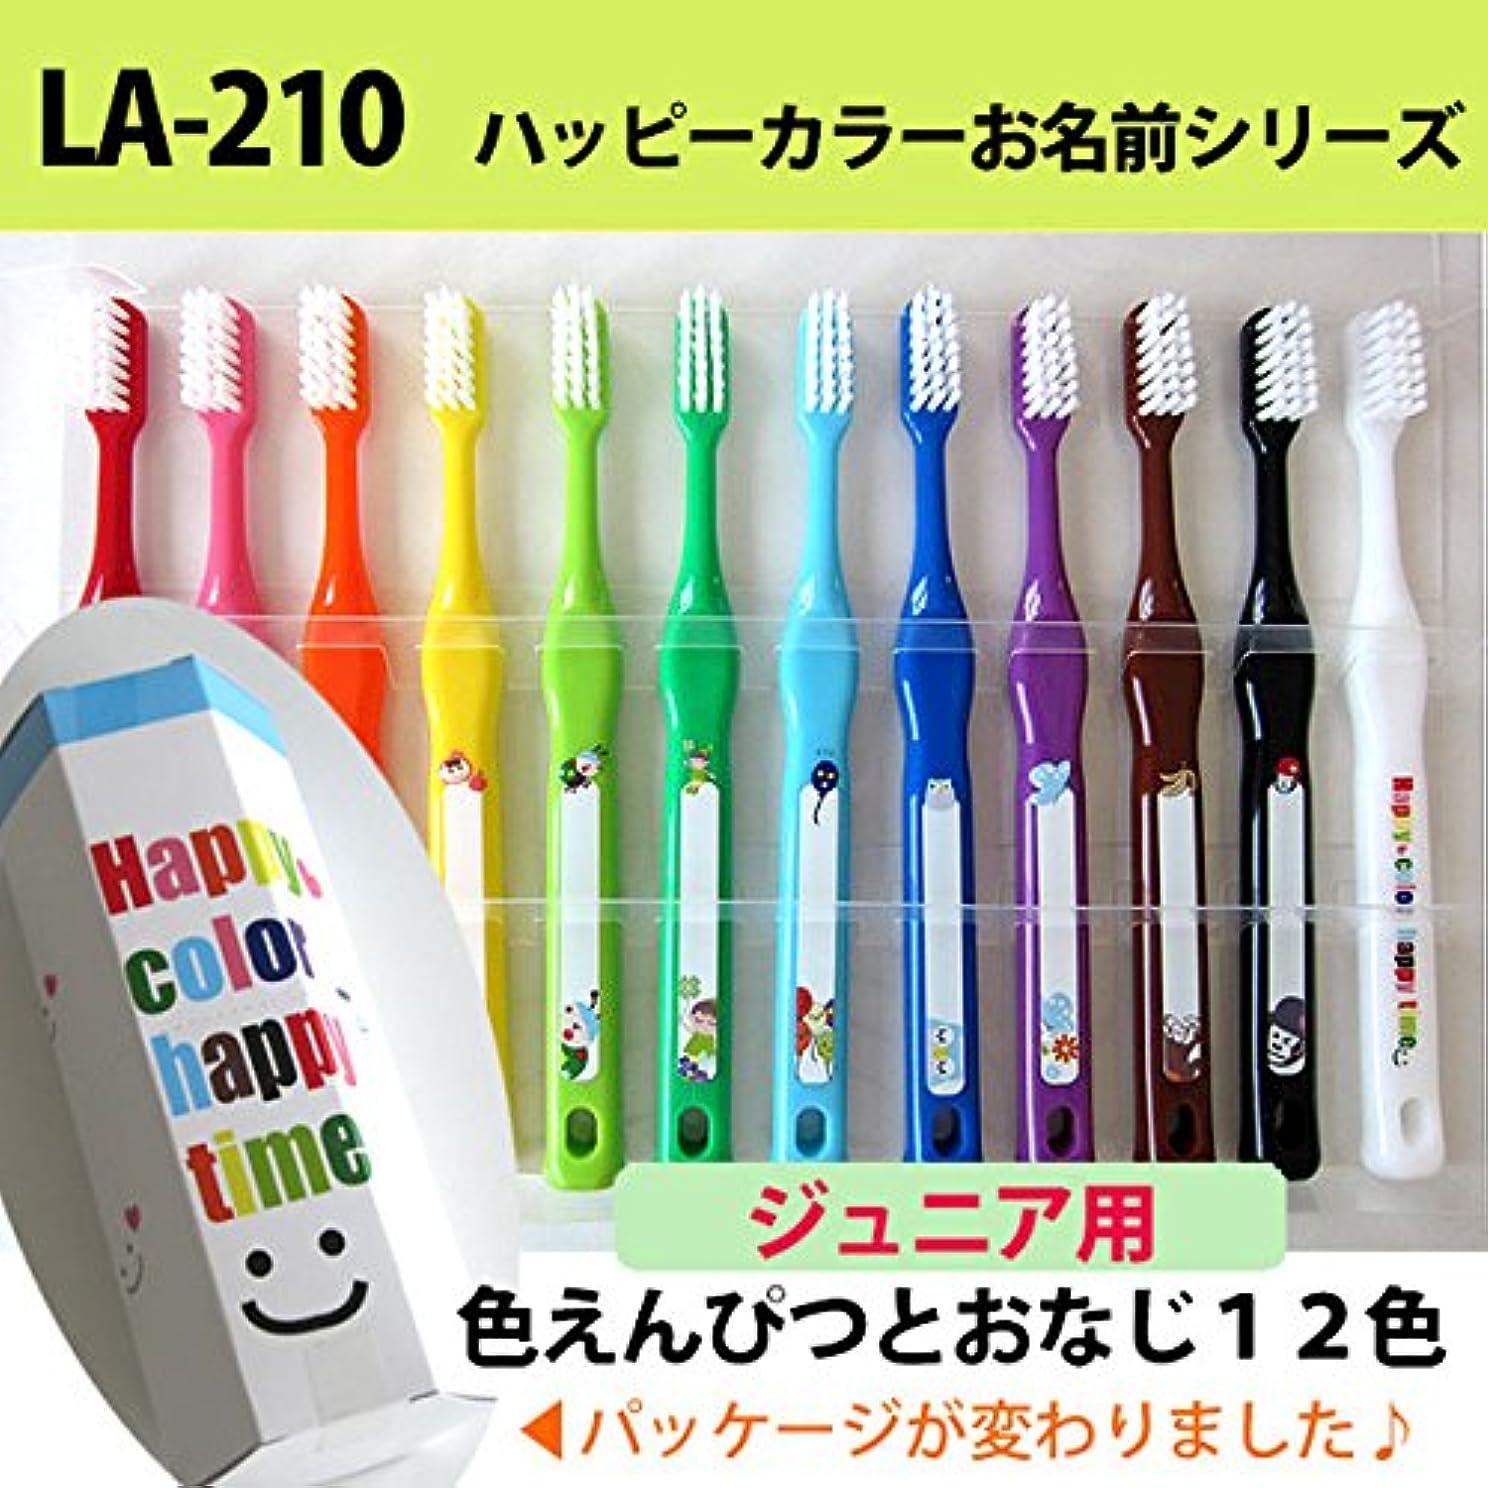 信号不変終点ラピス 【歯ブラシ?ジュニア?おなまえシリーズ】【12本入り】ラピス LA-210 ハッピーカラー おなまえシリーズ単品106